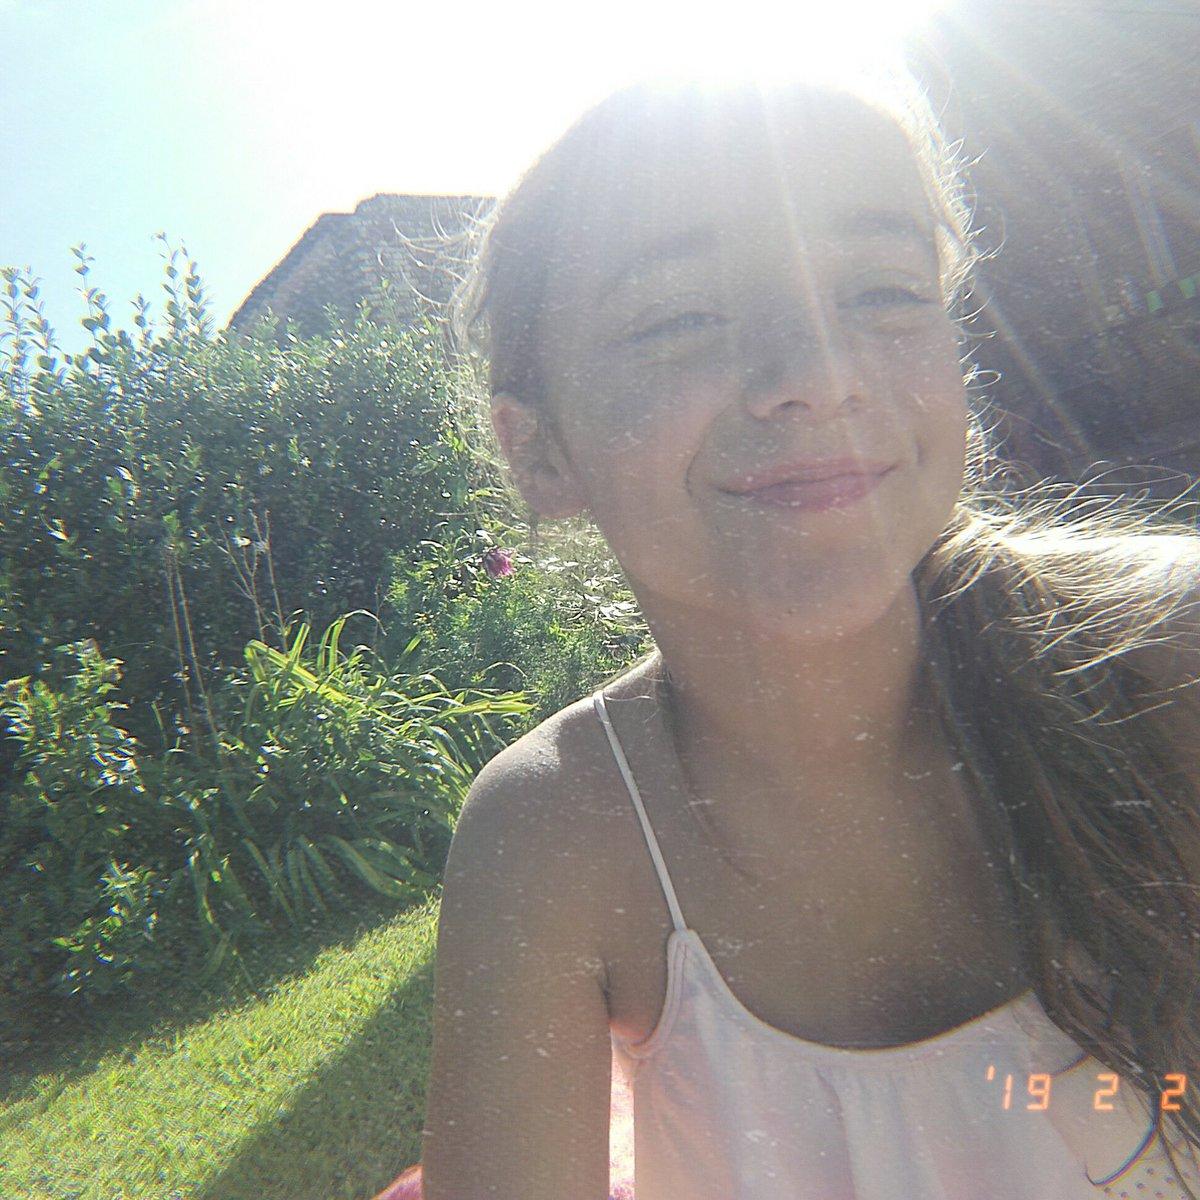 HaAshFans ARG's photo on #SelfieForHaAsh